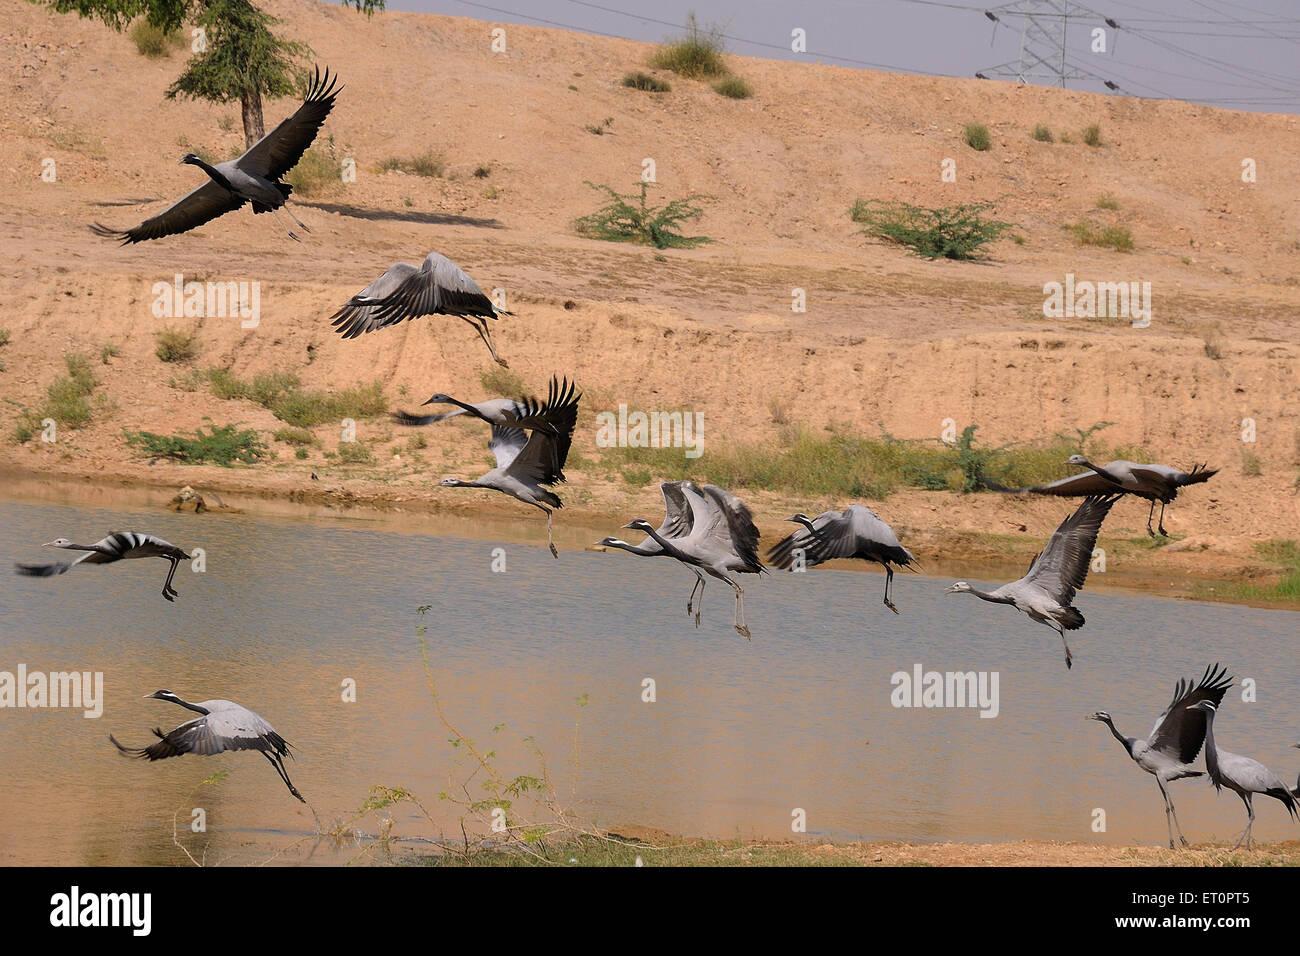 Pájaros volando cerca del estanque grúas ; ; ; ; Rajasthan Jodhpur India Imagen De Stock